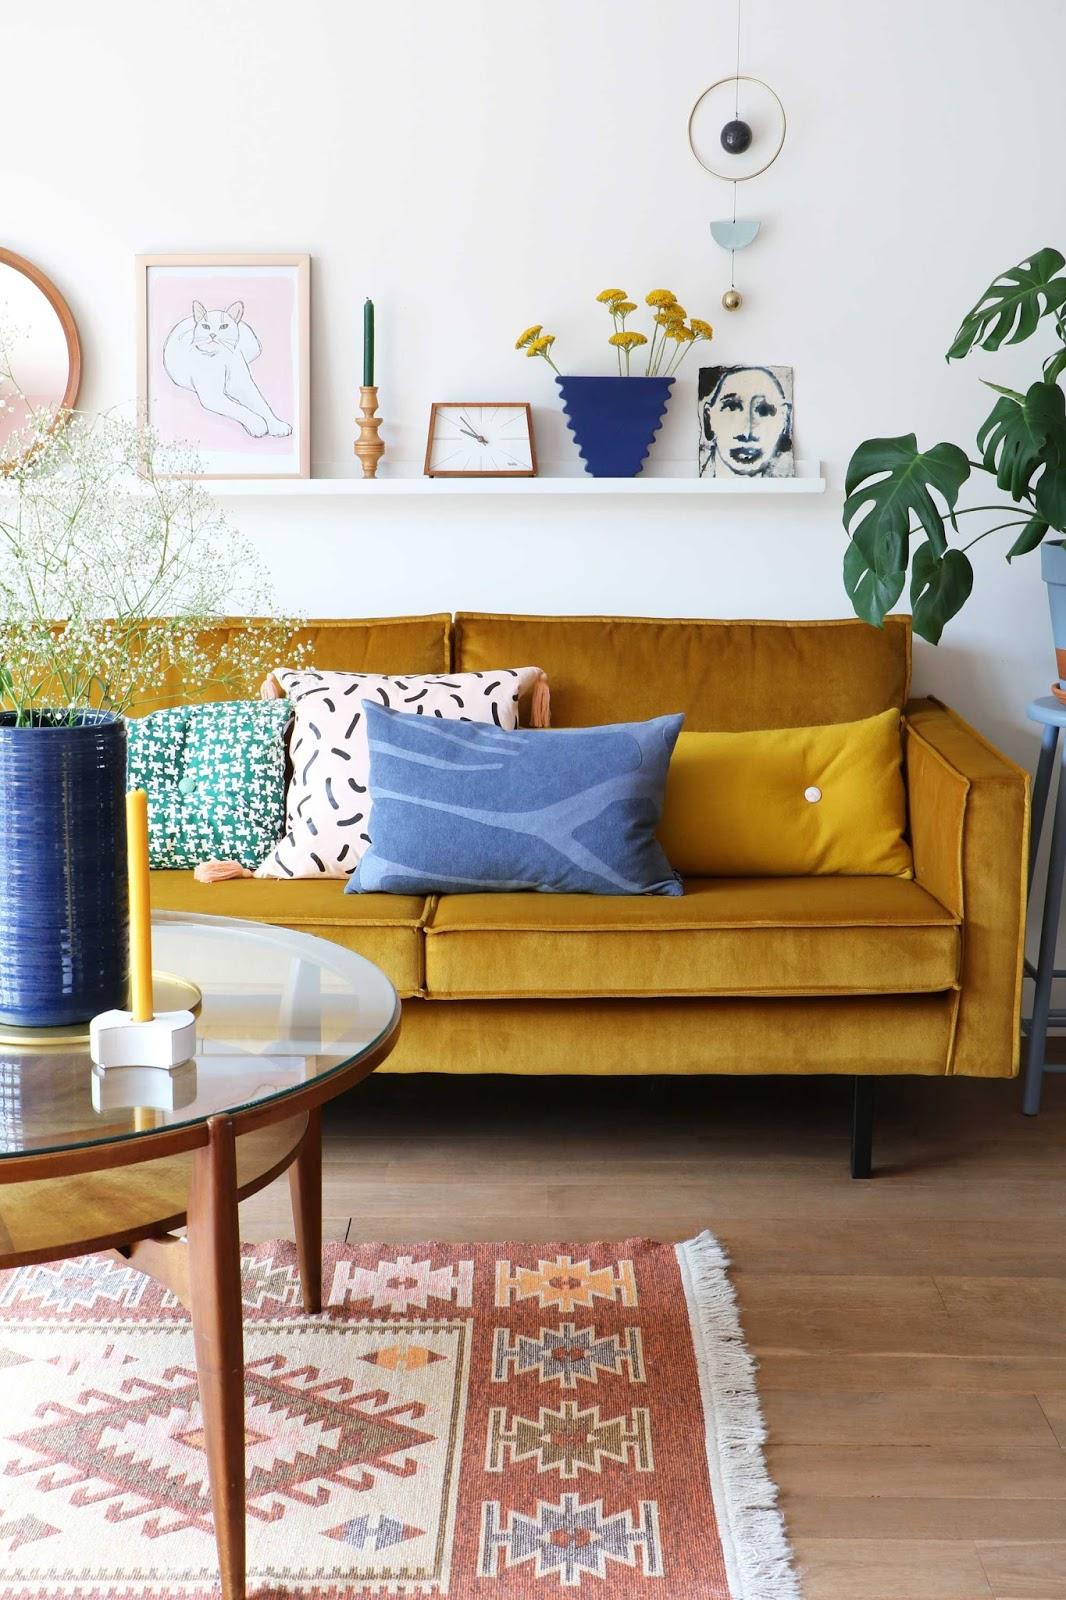 Decoraci n con plantas blog de decoraci n diy ideas for Blog de decoracion de casas